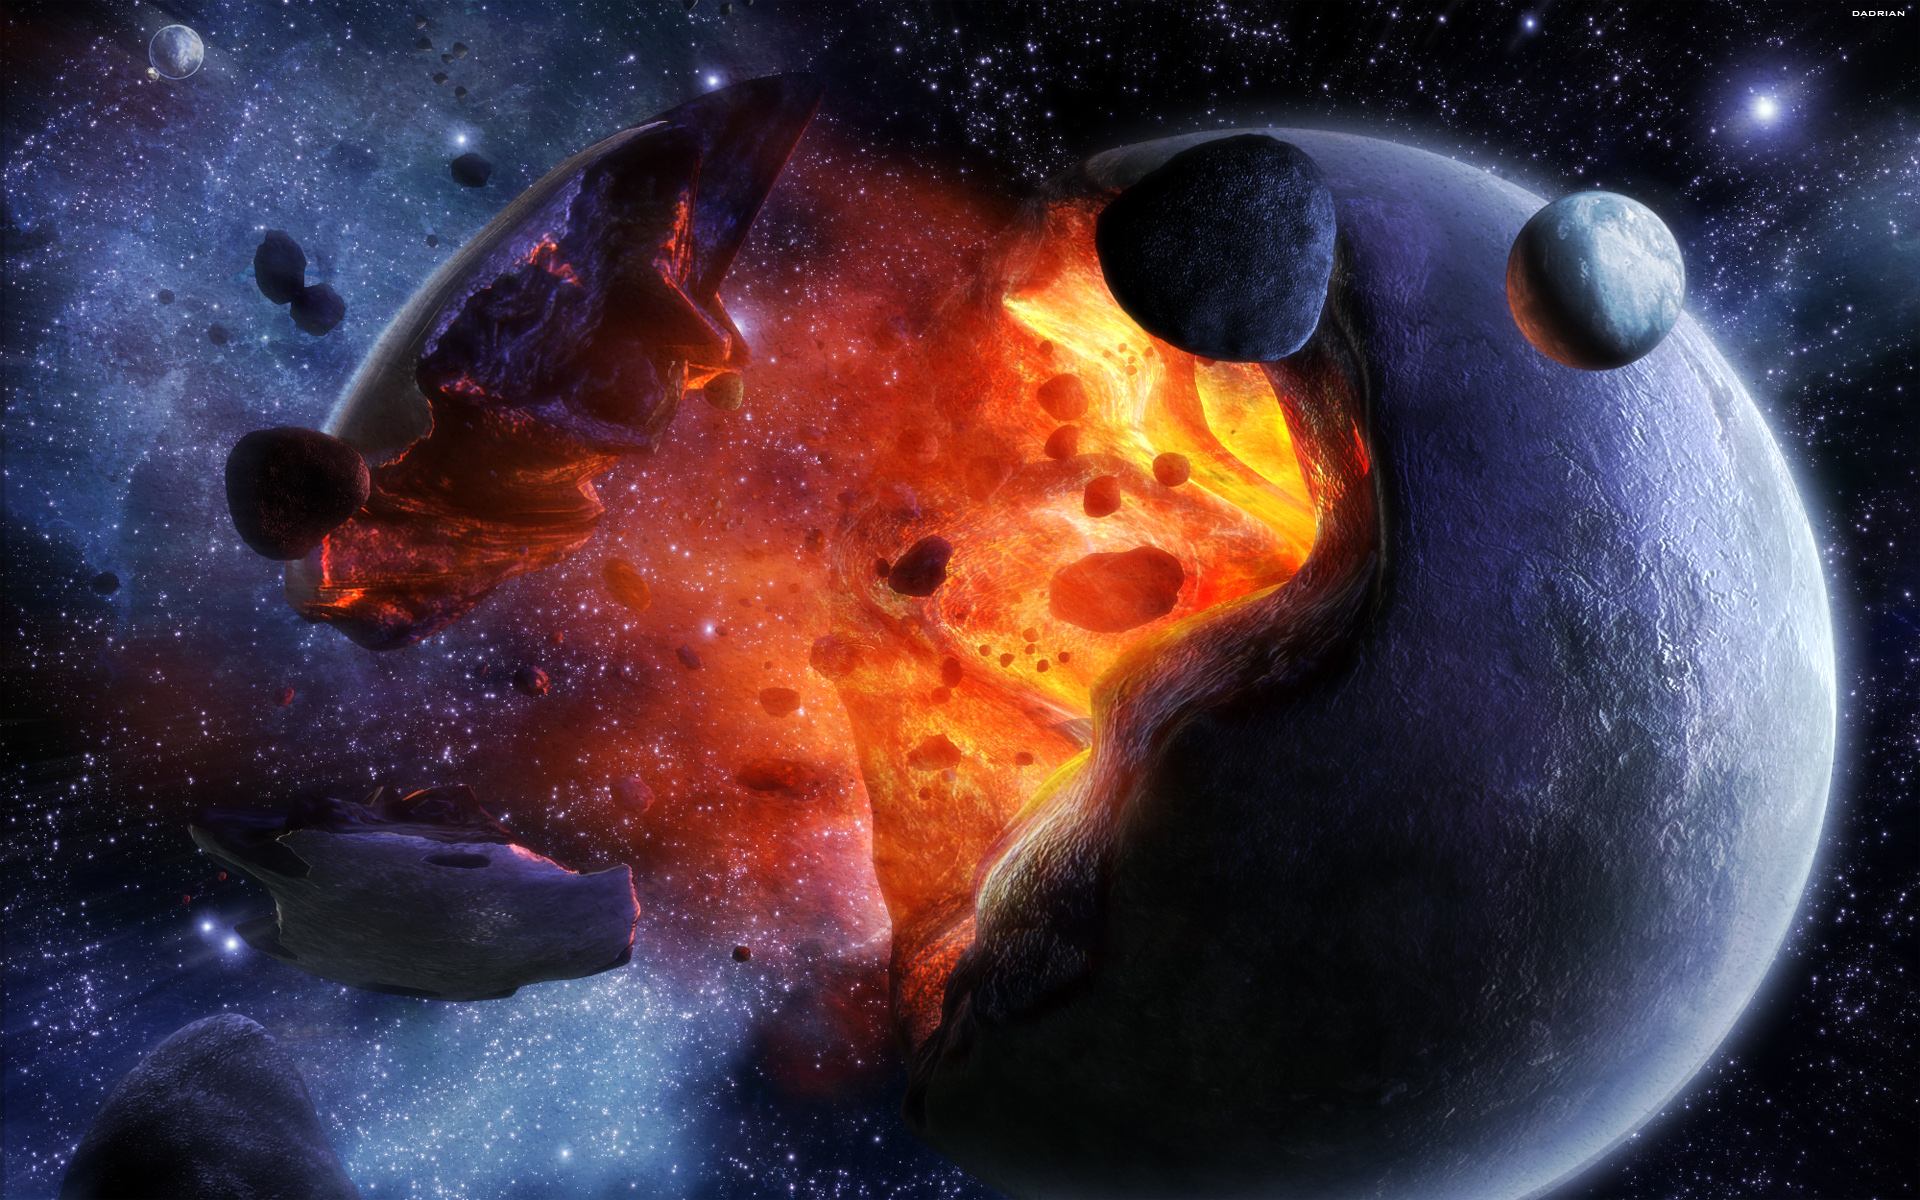 взрыв планеты, магма, лава, скачать фото, космос